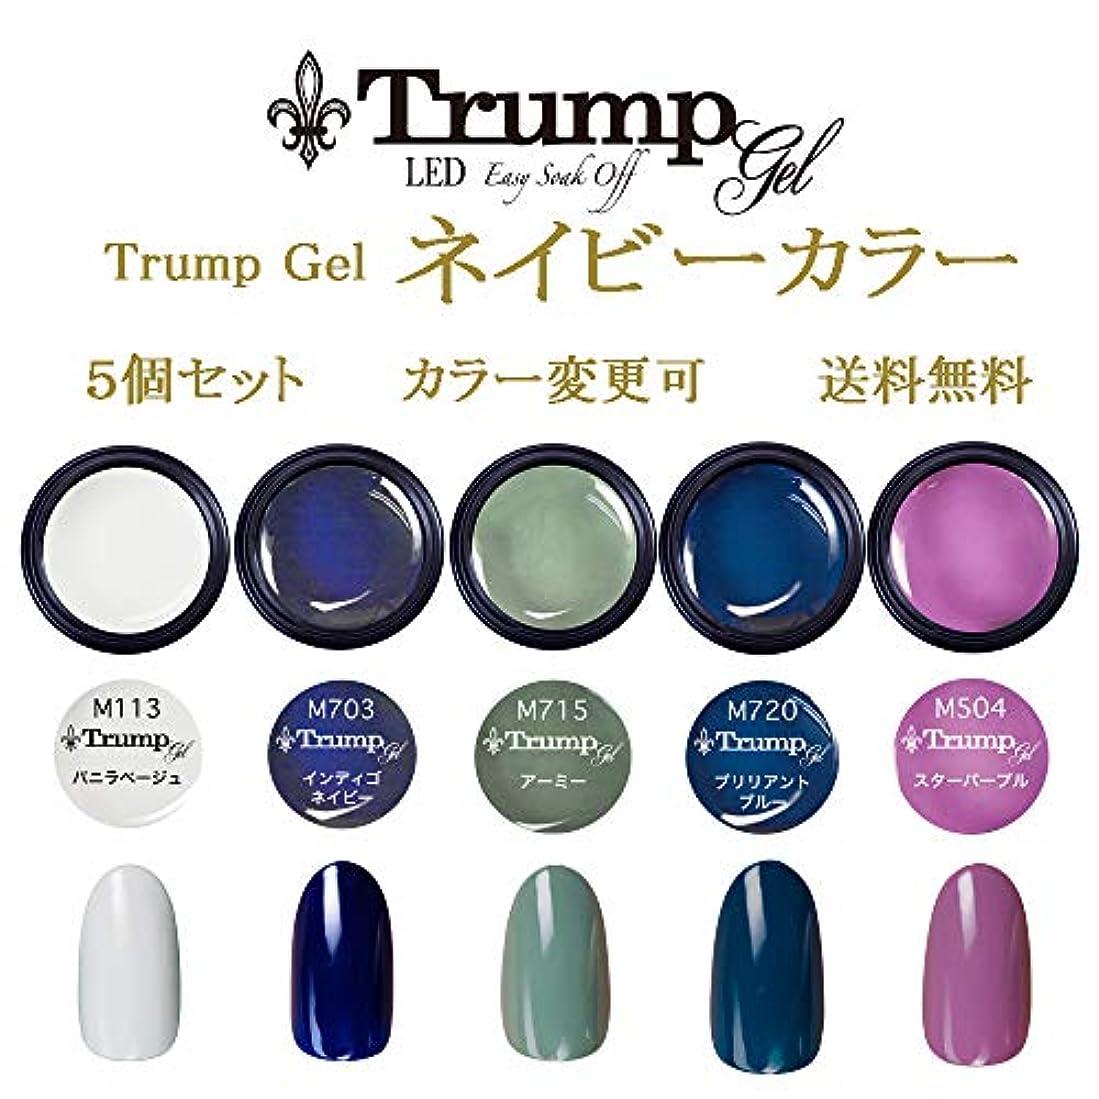 故障部族応じる日本製 Trump gel トランプジェル ネイビーカラー 選べる カラージェル 5個セット ホワイト ブルー ネイビー パープル カーキ グリーン